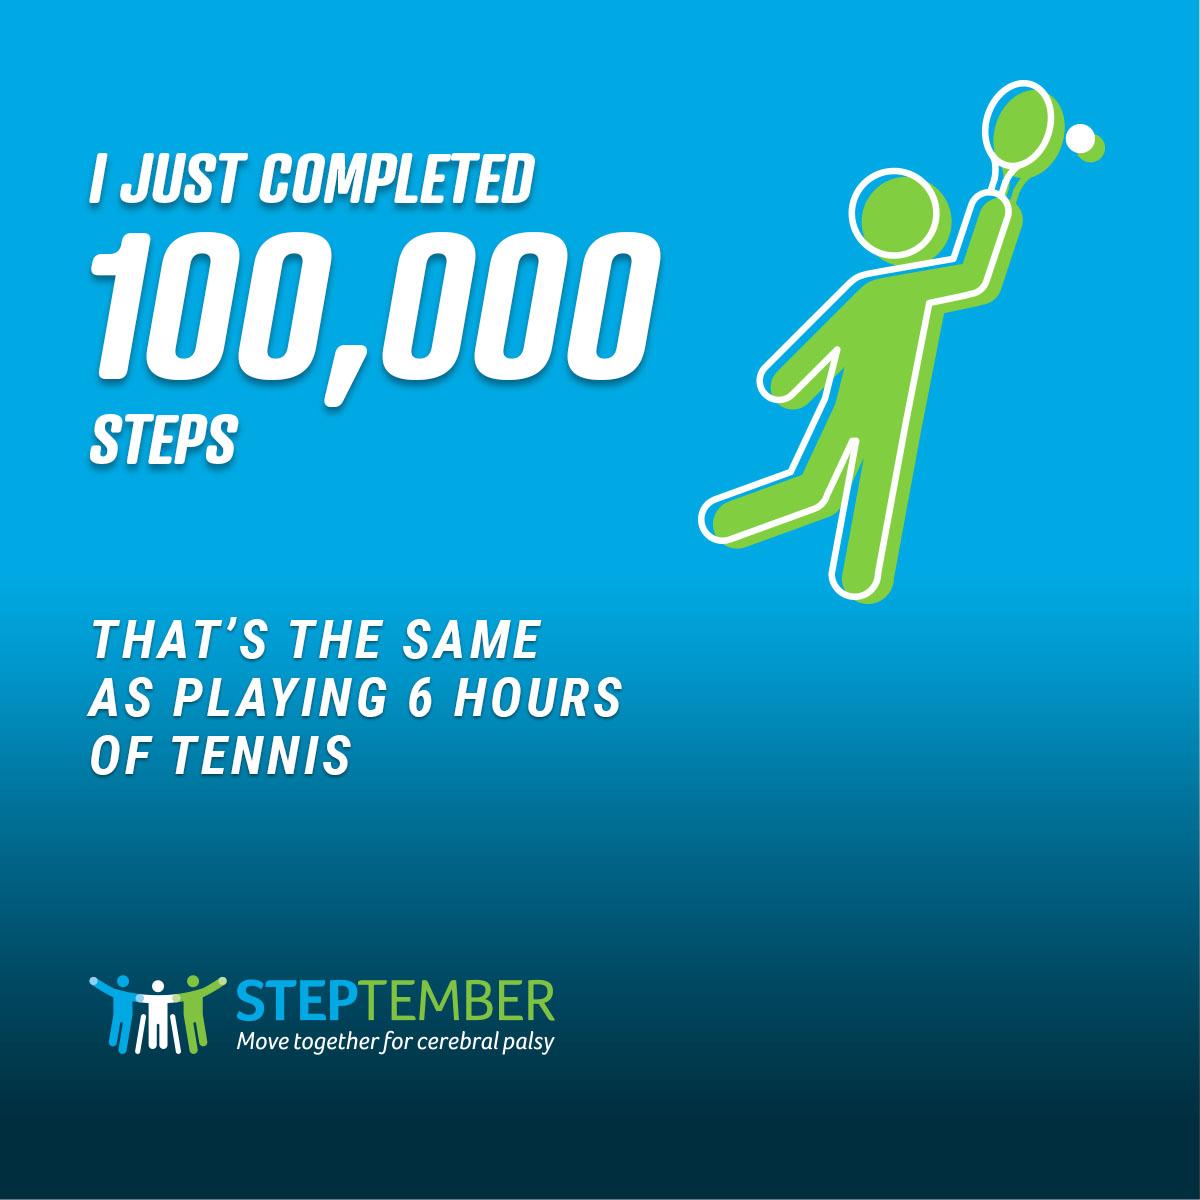 Social Post - 100,000 Steps